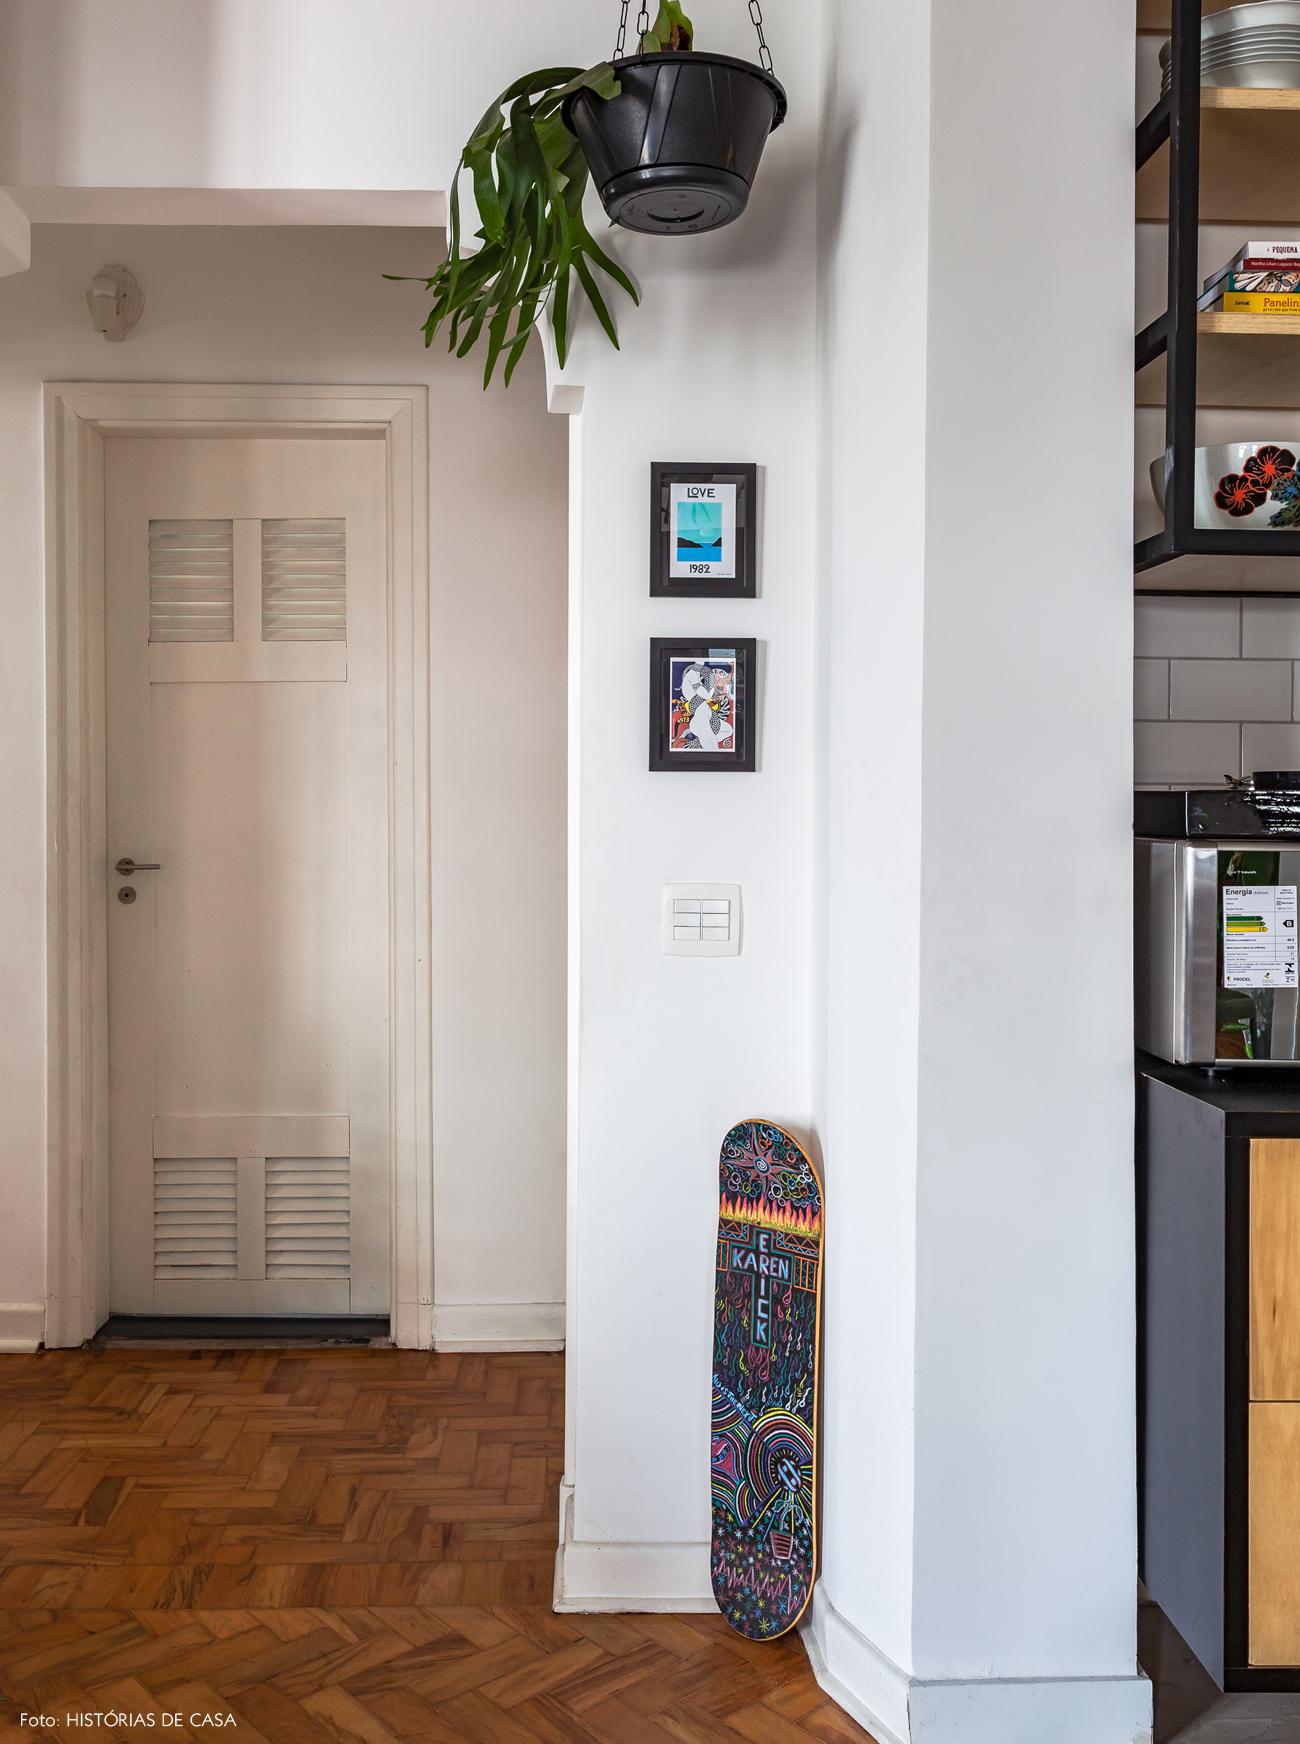 36-decoracao-cozinha-integrada-plantas-pendentes-piso-tacos